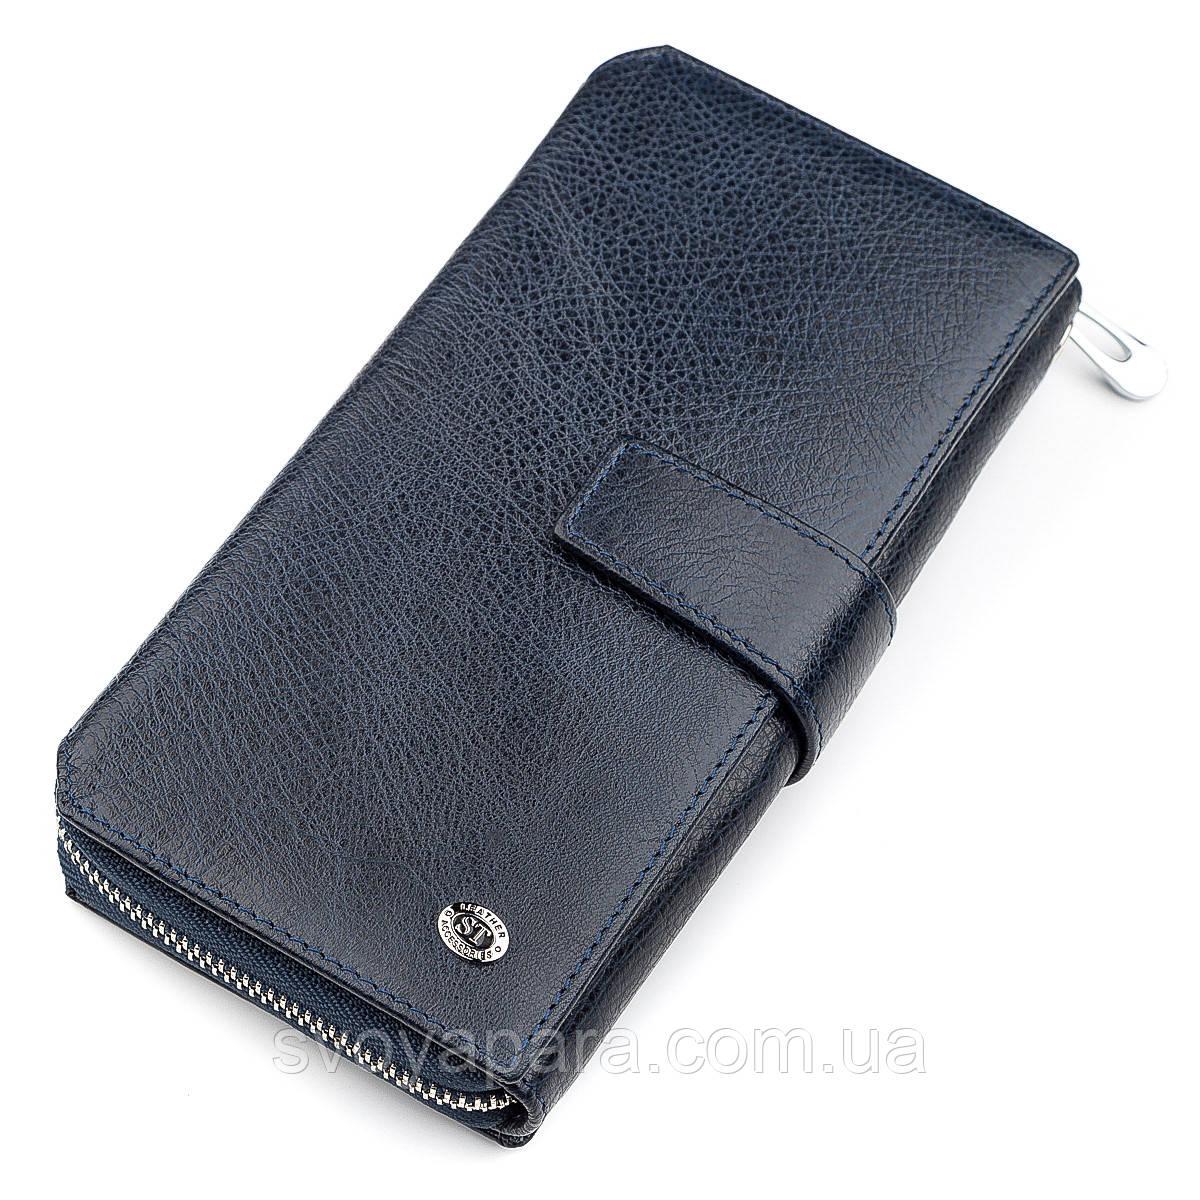 Чоловічий гаманець ST Leather 18454 (ST128) шкіра Синій